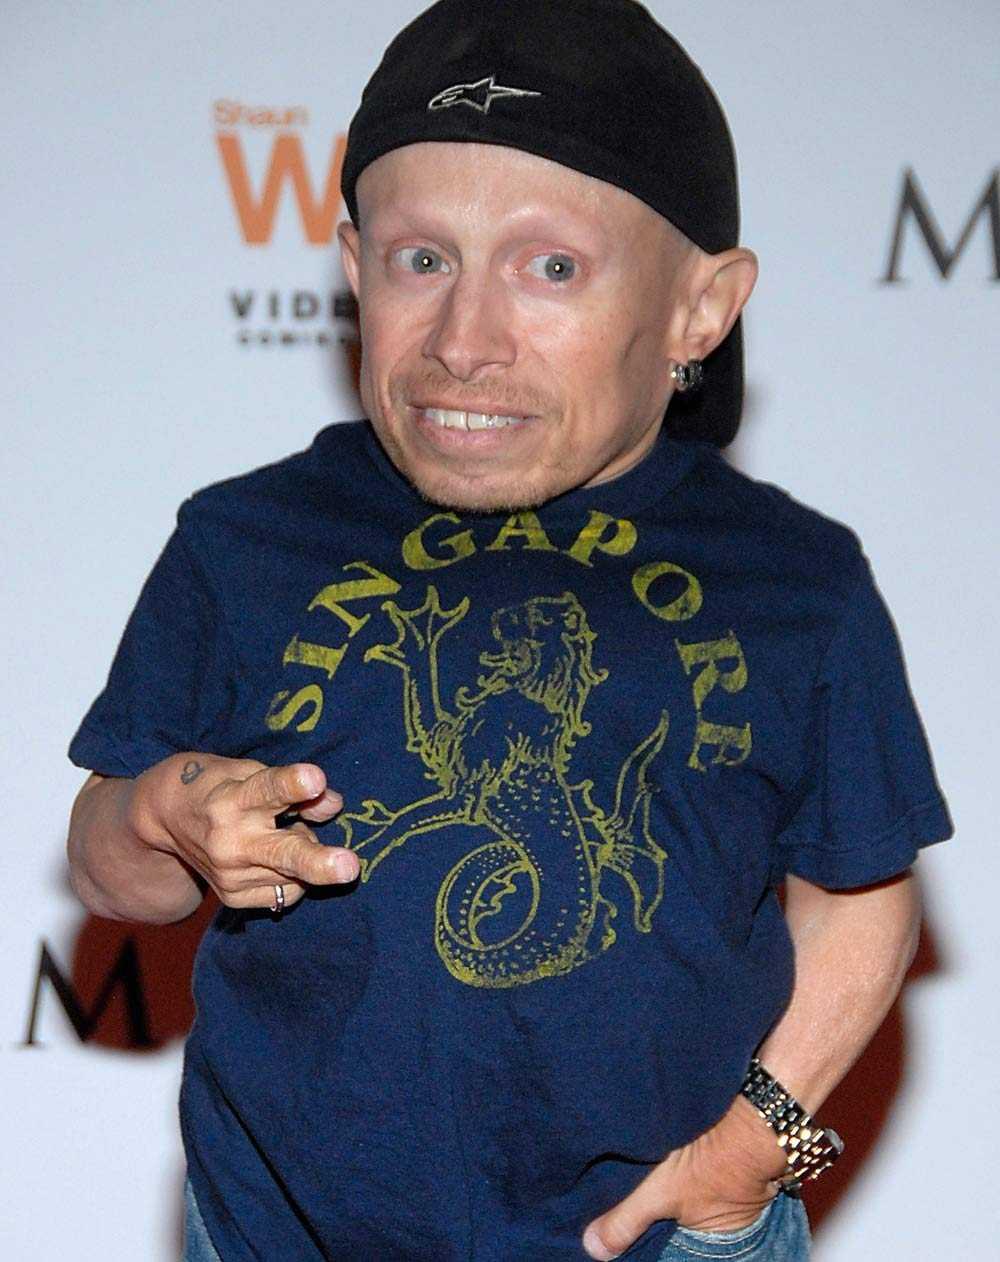 Vernie Troyer stämde tjejen på miljoner efter sexfilmen spelats in.